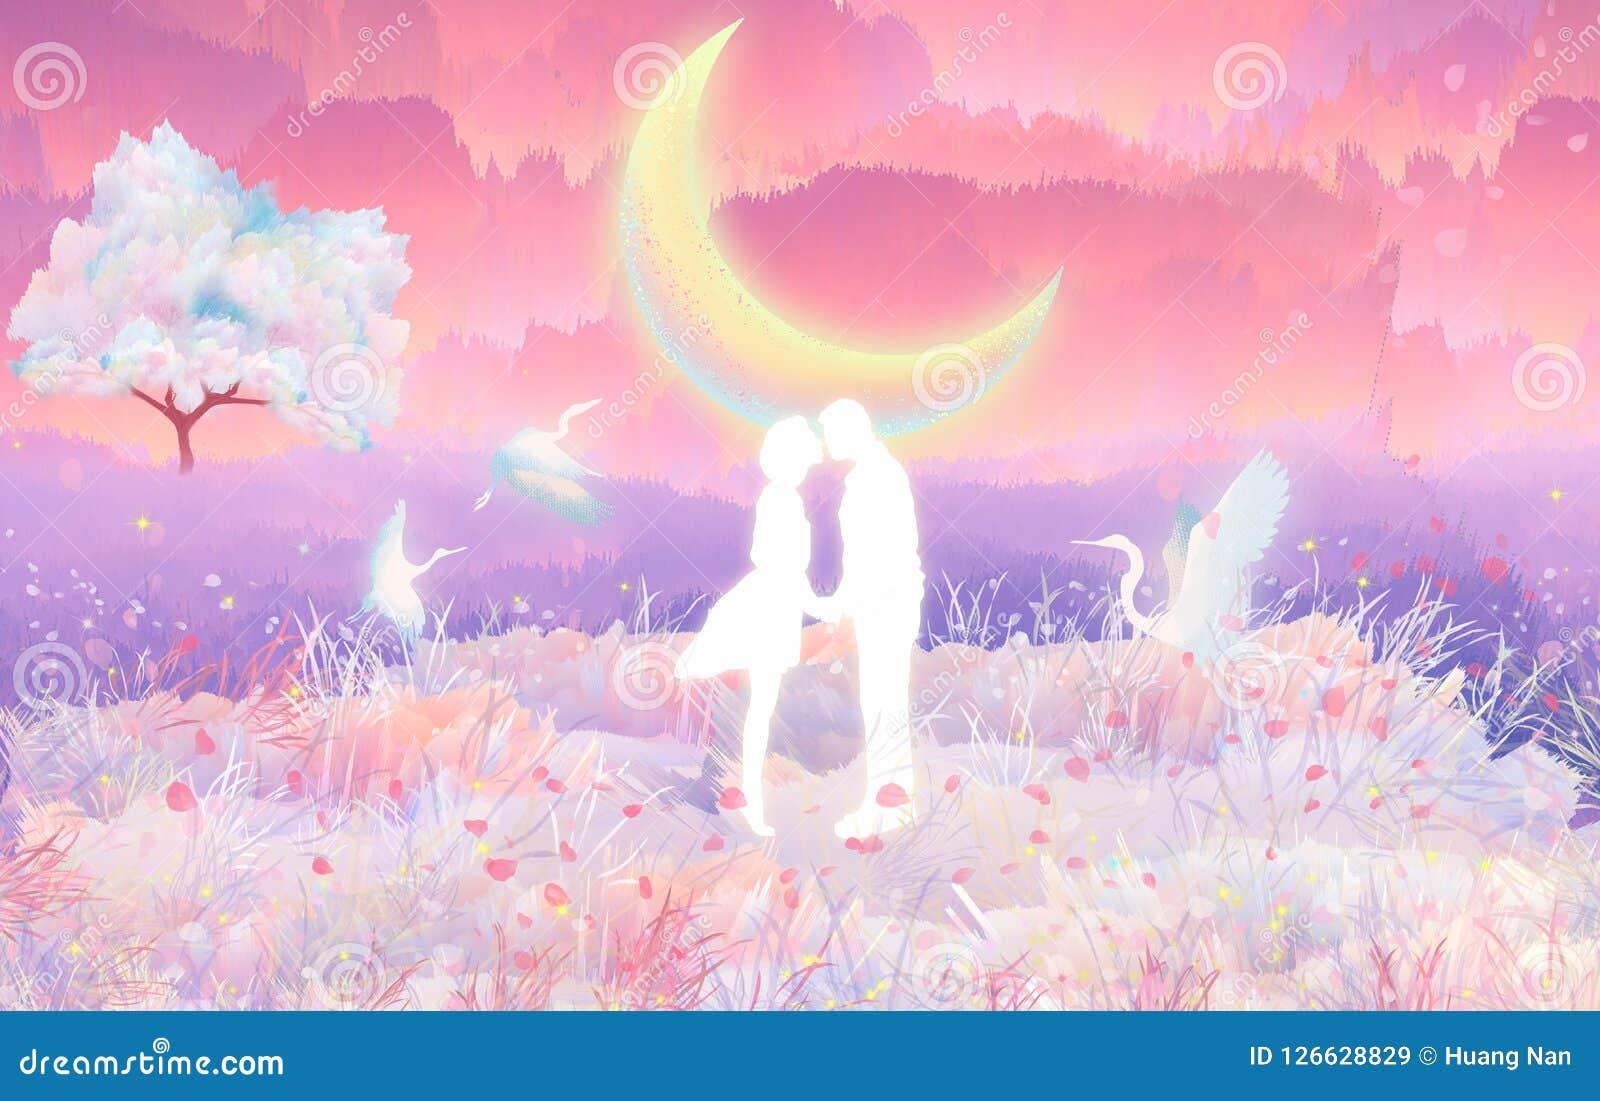 Beso de los amantes de la flor de cerezo en el moonlightin el claro de luna, que es una escena hermosa